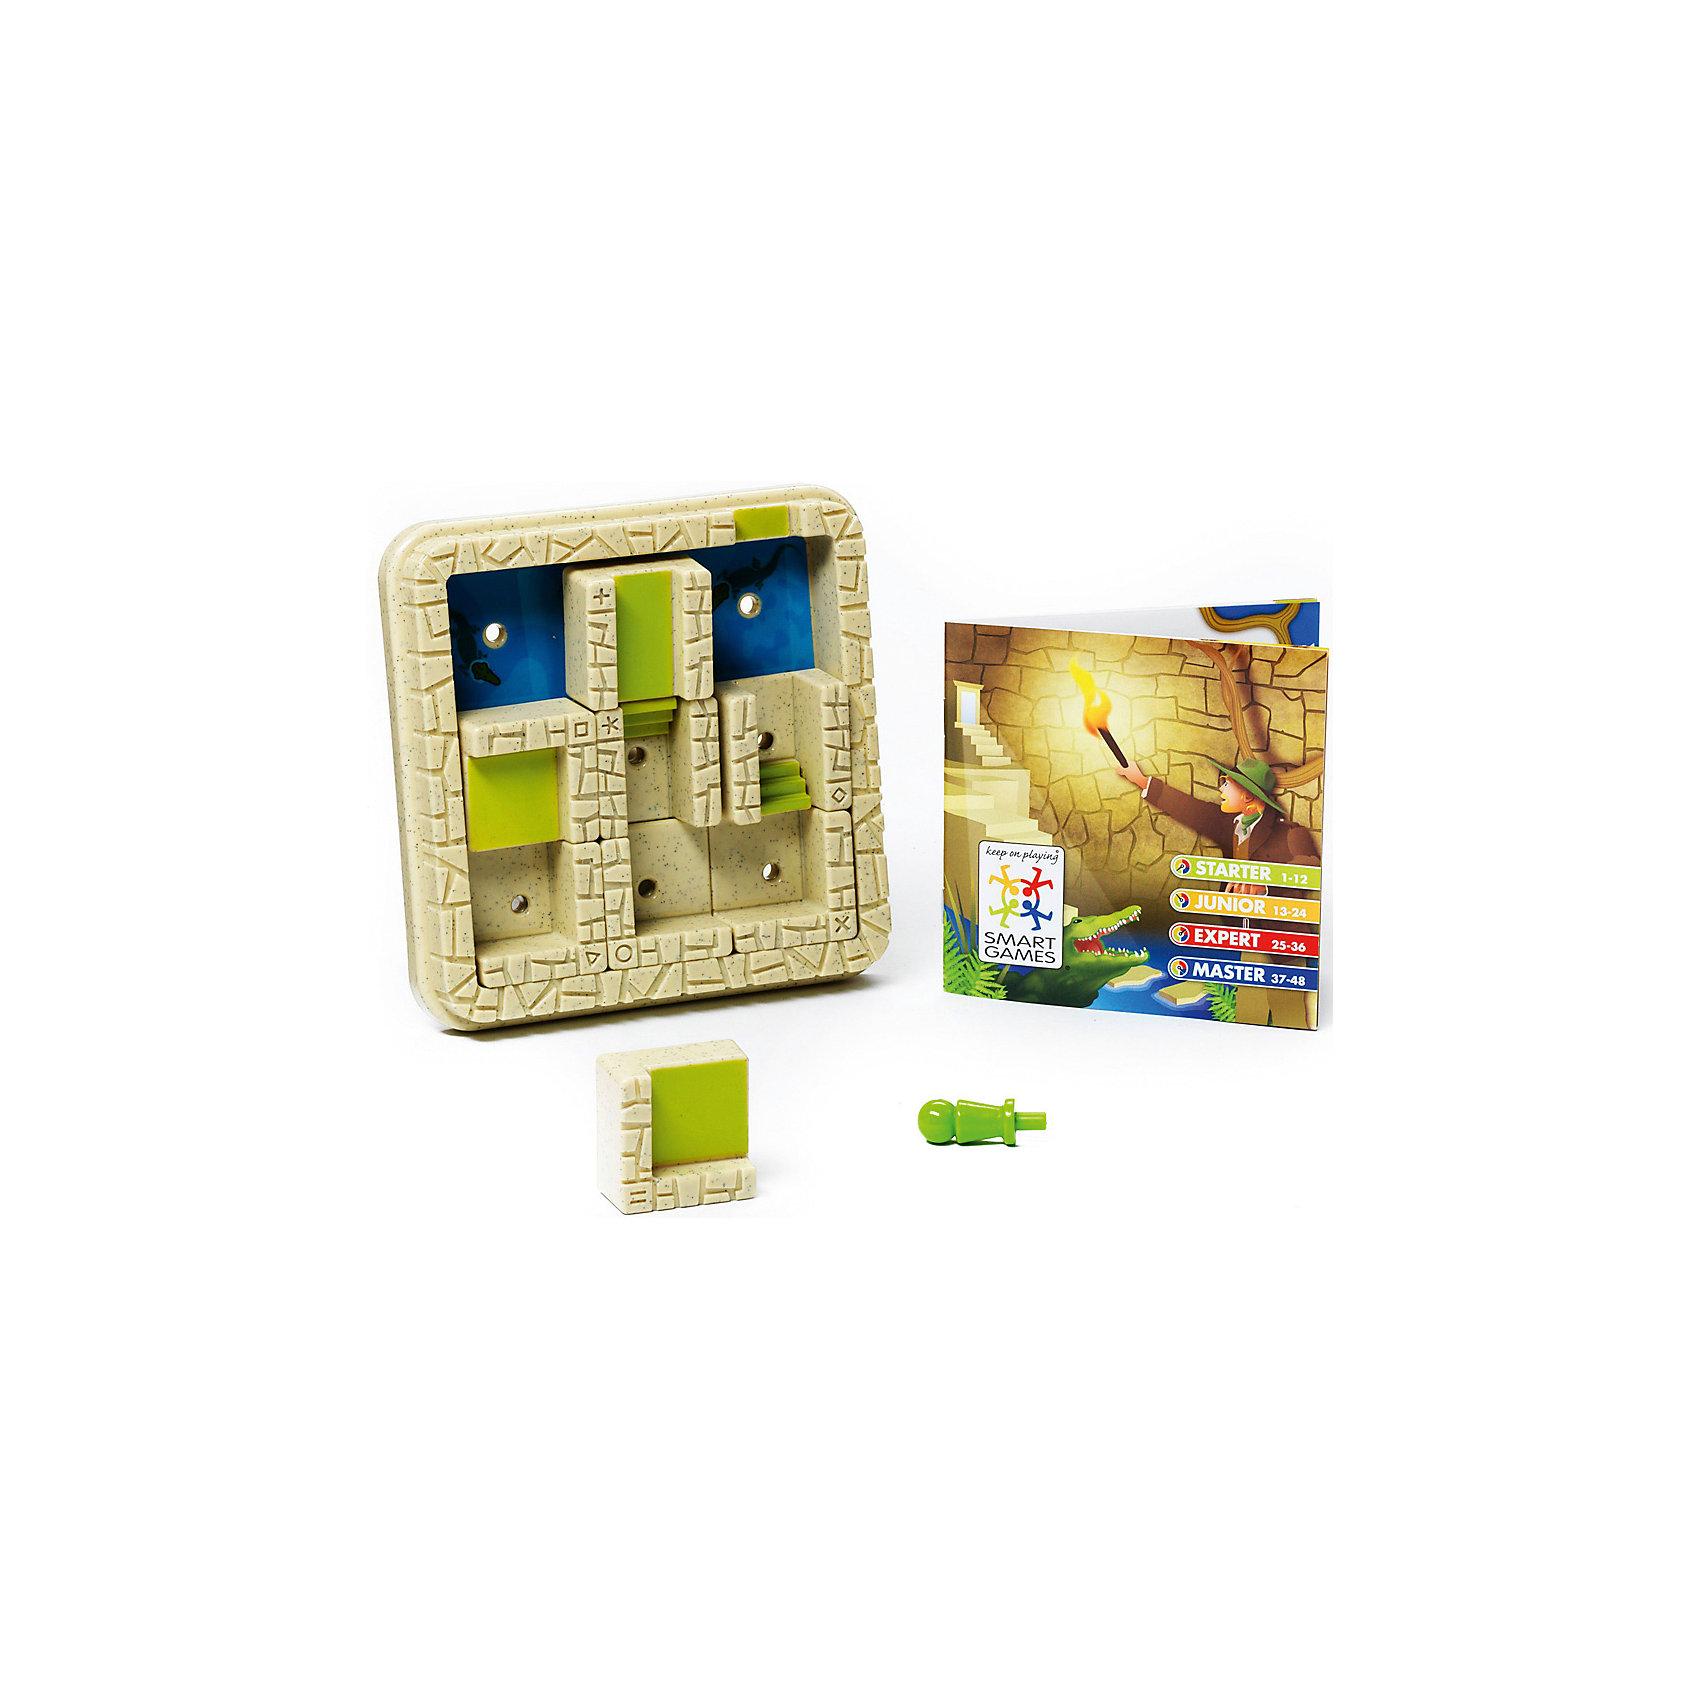 Логическая игра Лабиринт, BondibonСтратегические настольные игры<br>Характеристики:<br><br>• Вид игр: настольные игры<br>• Пол: универсальный<br>• Материал: пластик, бумага, картон<br>• Количество игроков: 1<br>• Количество уровней сложности: 4<br>• Количество заданий: 48<br>• Размер (Д*Ш*В): 24*6*24 см<br>• Вес: 450 г<br>• Комплектация: игровое поле со стенами, 8 деталей с элементами лабиринта, игровая фишка, блокнот с заданиями, инструкция<br><br>Логическая игра Лабиринт, Bondibon – это настольная игра от всемирно известного производителя детских игр развивающей и обучающей направленности. Smart Games – это серия логических игр, предназначенная для одного игрока с несколькими уровнями сложности и множеством заданий. Цель игры Лабиринт заключается в том, чтобы найти выход из лабиринта, не попавшись голодным крокодилам. Элементы игры выполнены из качественного и безопасного пластика, упакованы в картонную коробку. В комплекте имеется инструкция с правилами игры и буклет с заданиями.<br><br>Логические игры Smart Games от Bondibon научат ребенка логическому и пространственному мышлению, концентрации внимания и выработке индивидуальной тактики решения игровых задач. Настольные игры от Bondibon – залог развития успешности вашего ребенка в будущем! <br><br>Логическую игру Лабиринт, Bondibon можно купить в нашем интернет-магазине.<br><br>Ширина мм: 160<br>Глубина мм: 50<br>Высота мм: 190<br>Вес г: 367<br>Возраст от месяцев: 84<br>Возраст до месяцев: 2147483647<br>Пол: Унисекс<br>Возраст: Детский<br>SKU: 5121961